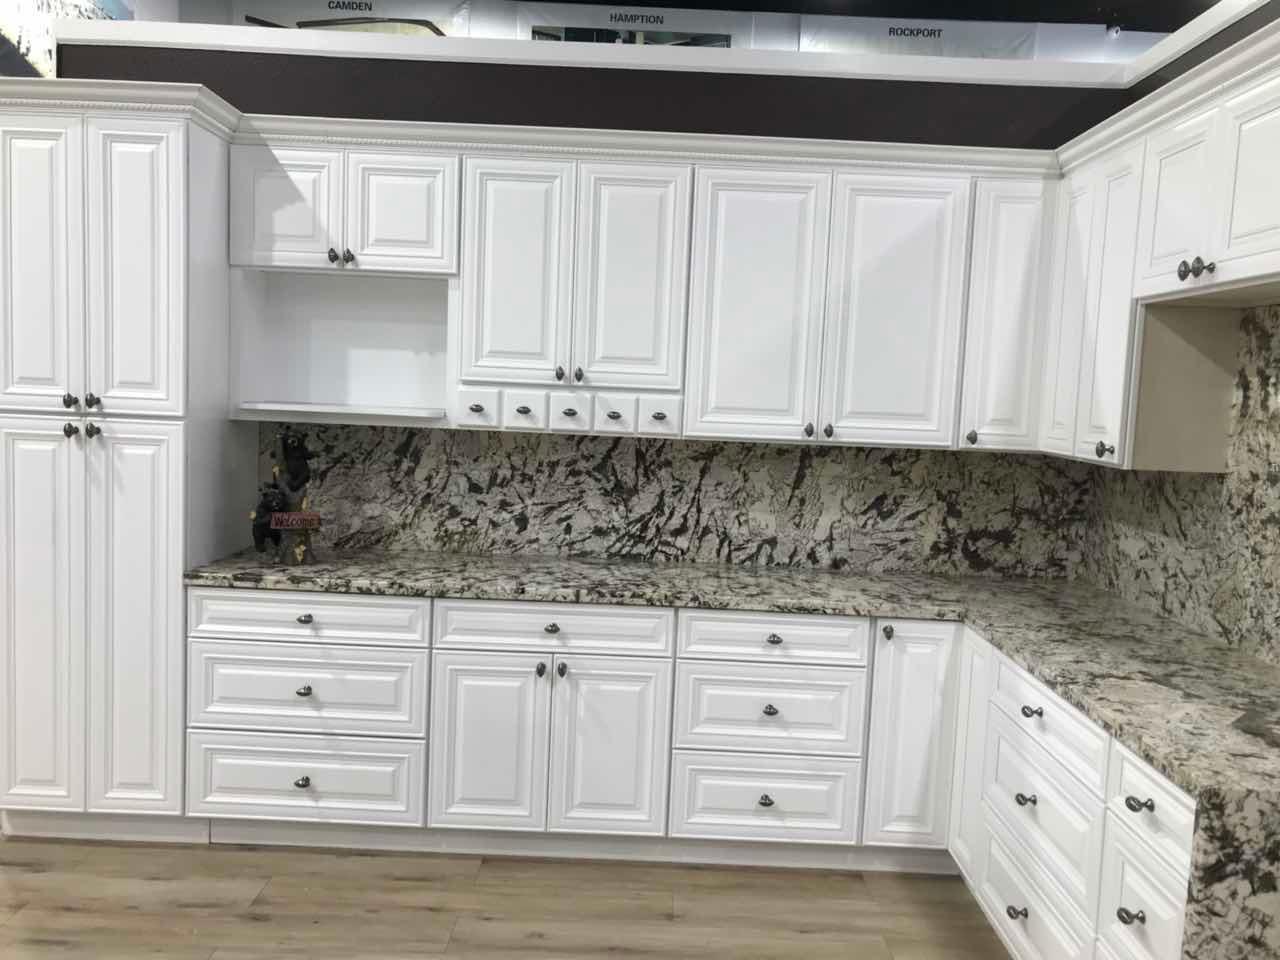 APEX Kitchen Cabinet and Granite Countertop image 21